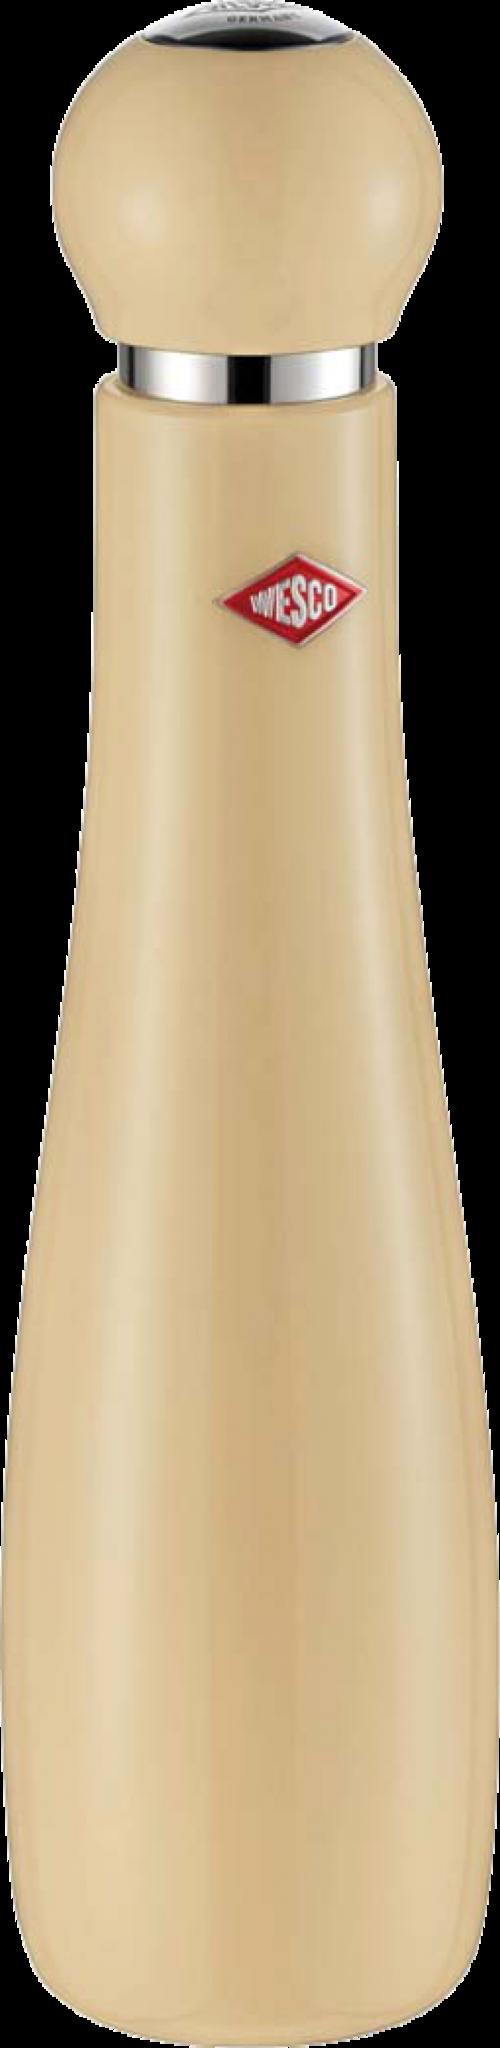 Мельница для специй (высокая) Wesco Peppy Mill 322777-23